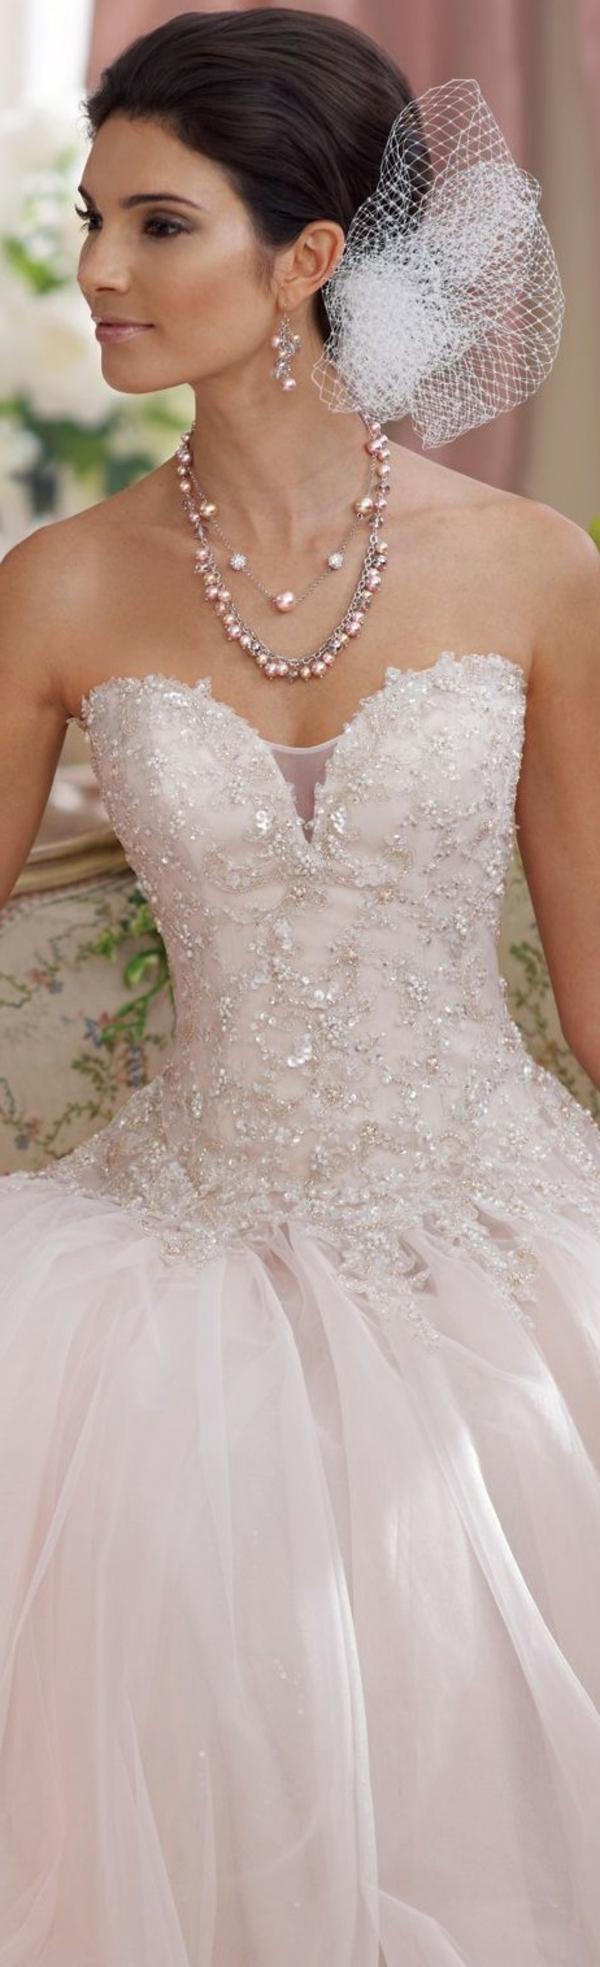 le-jour-du-mariage-avec-une-robe-rose-bijou